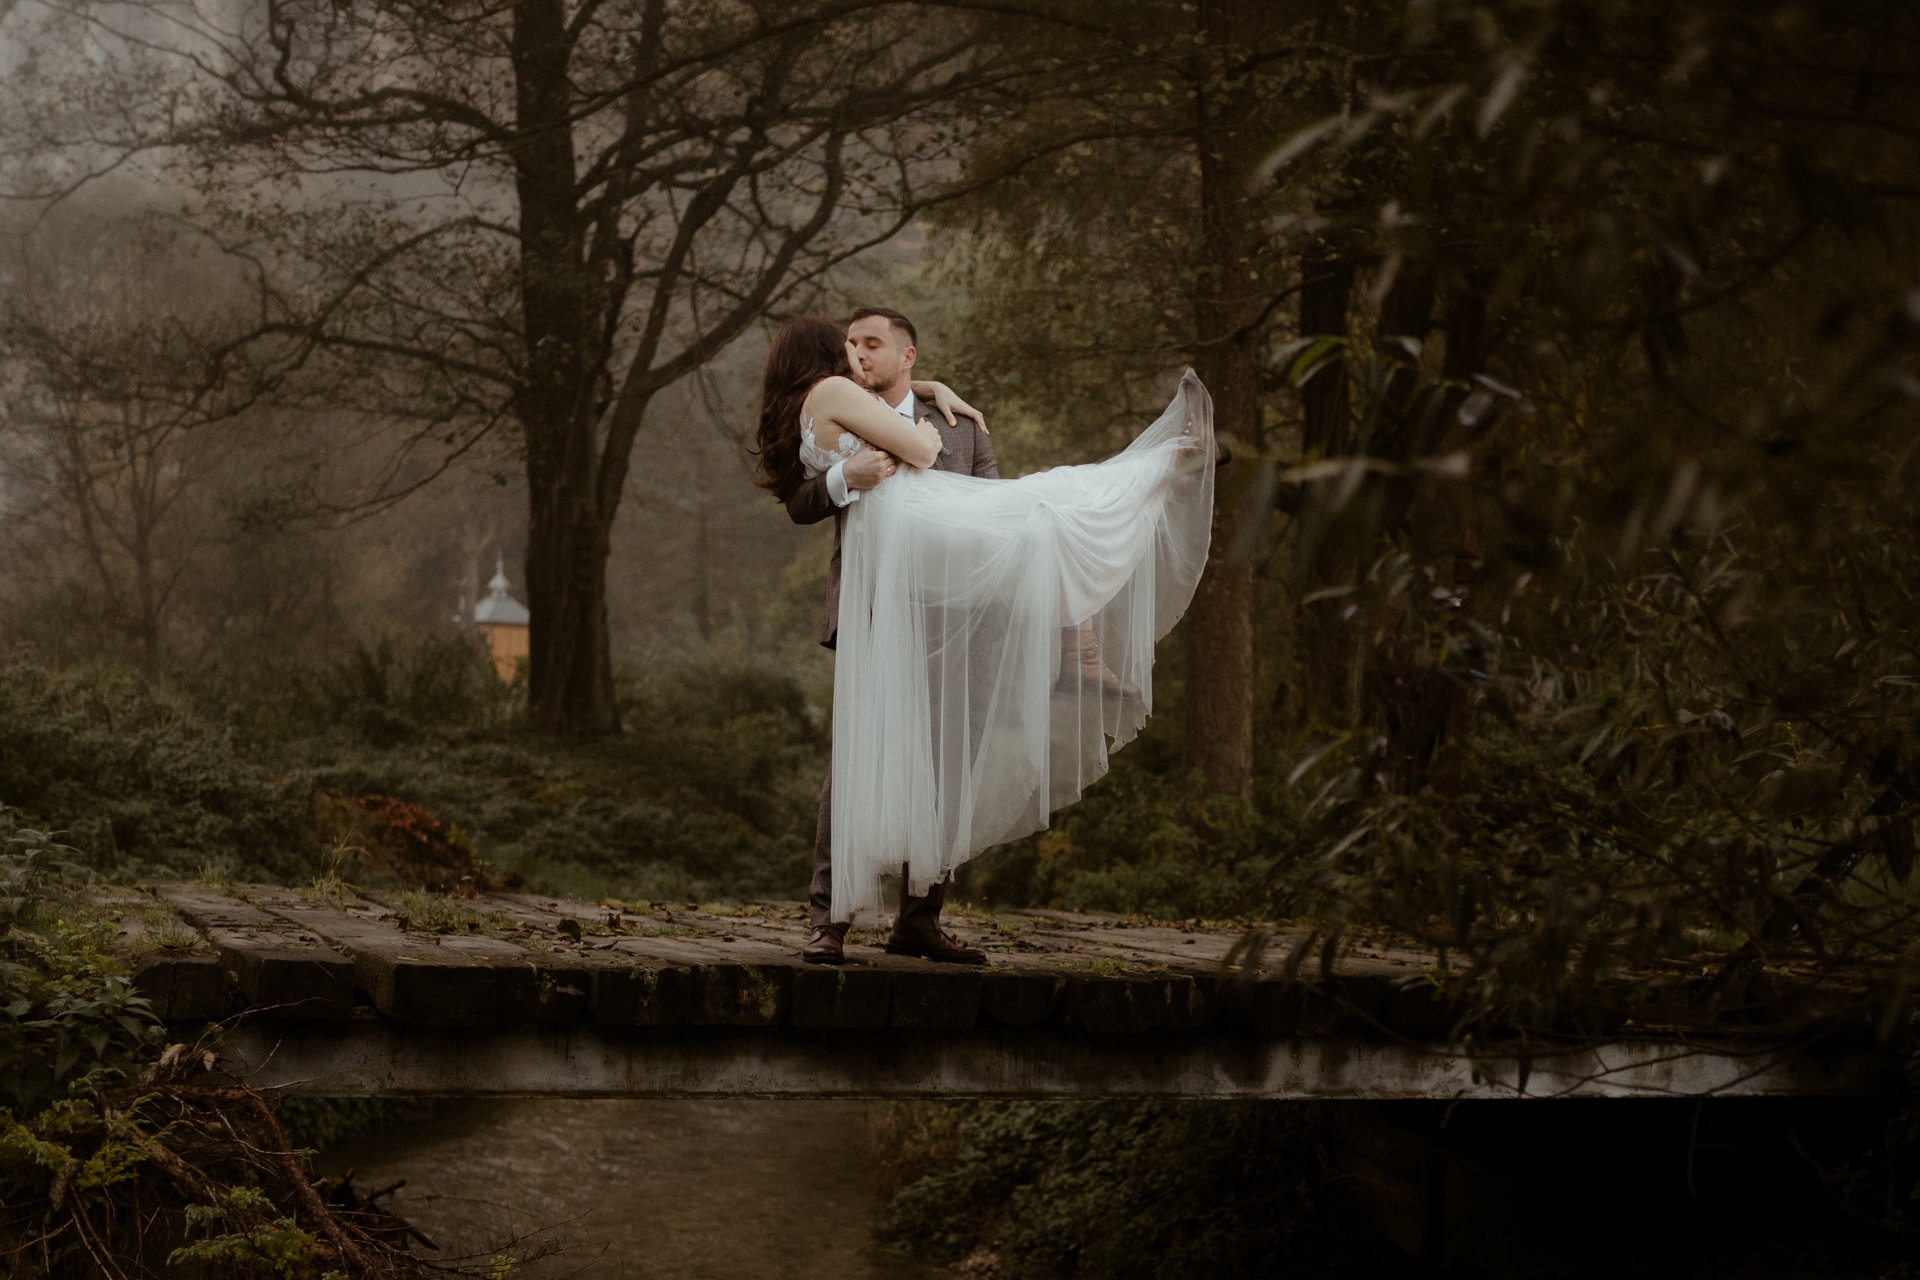 fotografia ślubna fotograf ślubny śląsk katowice warszawa kraków gdańsk łódź